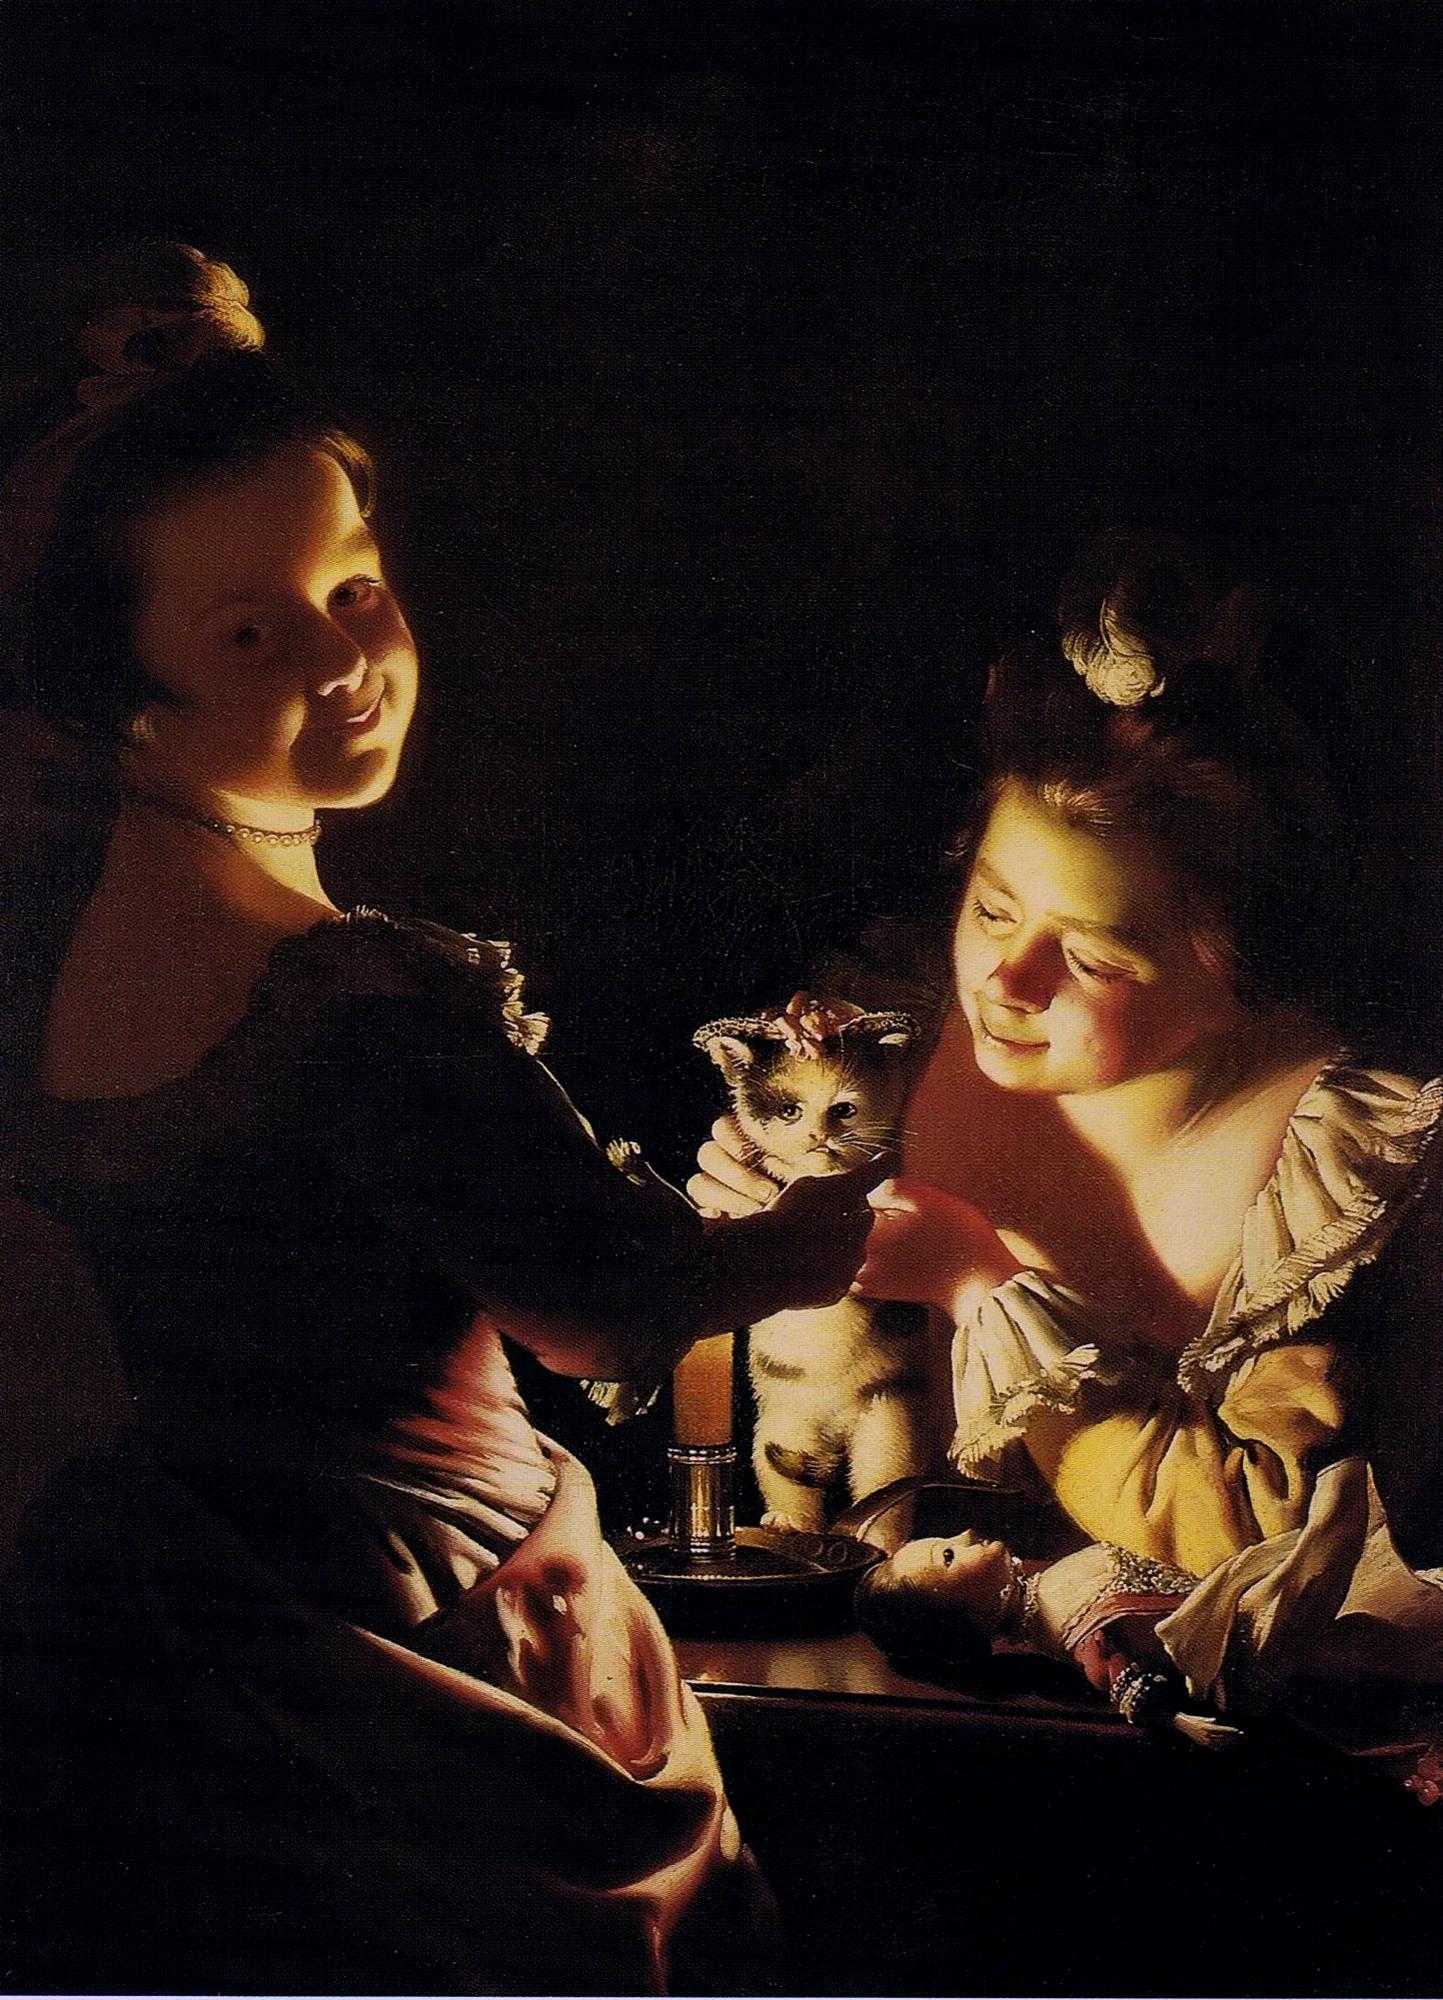 Joseph Wright of Derby Dressing the Kitten 1770